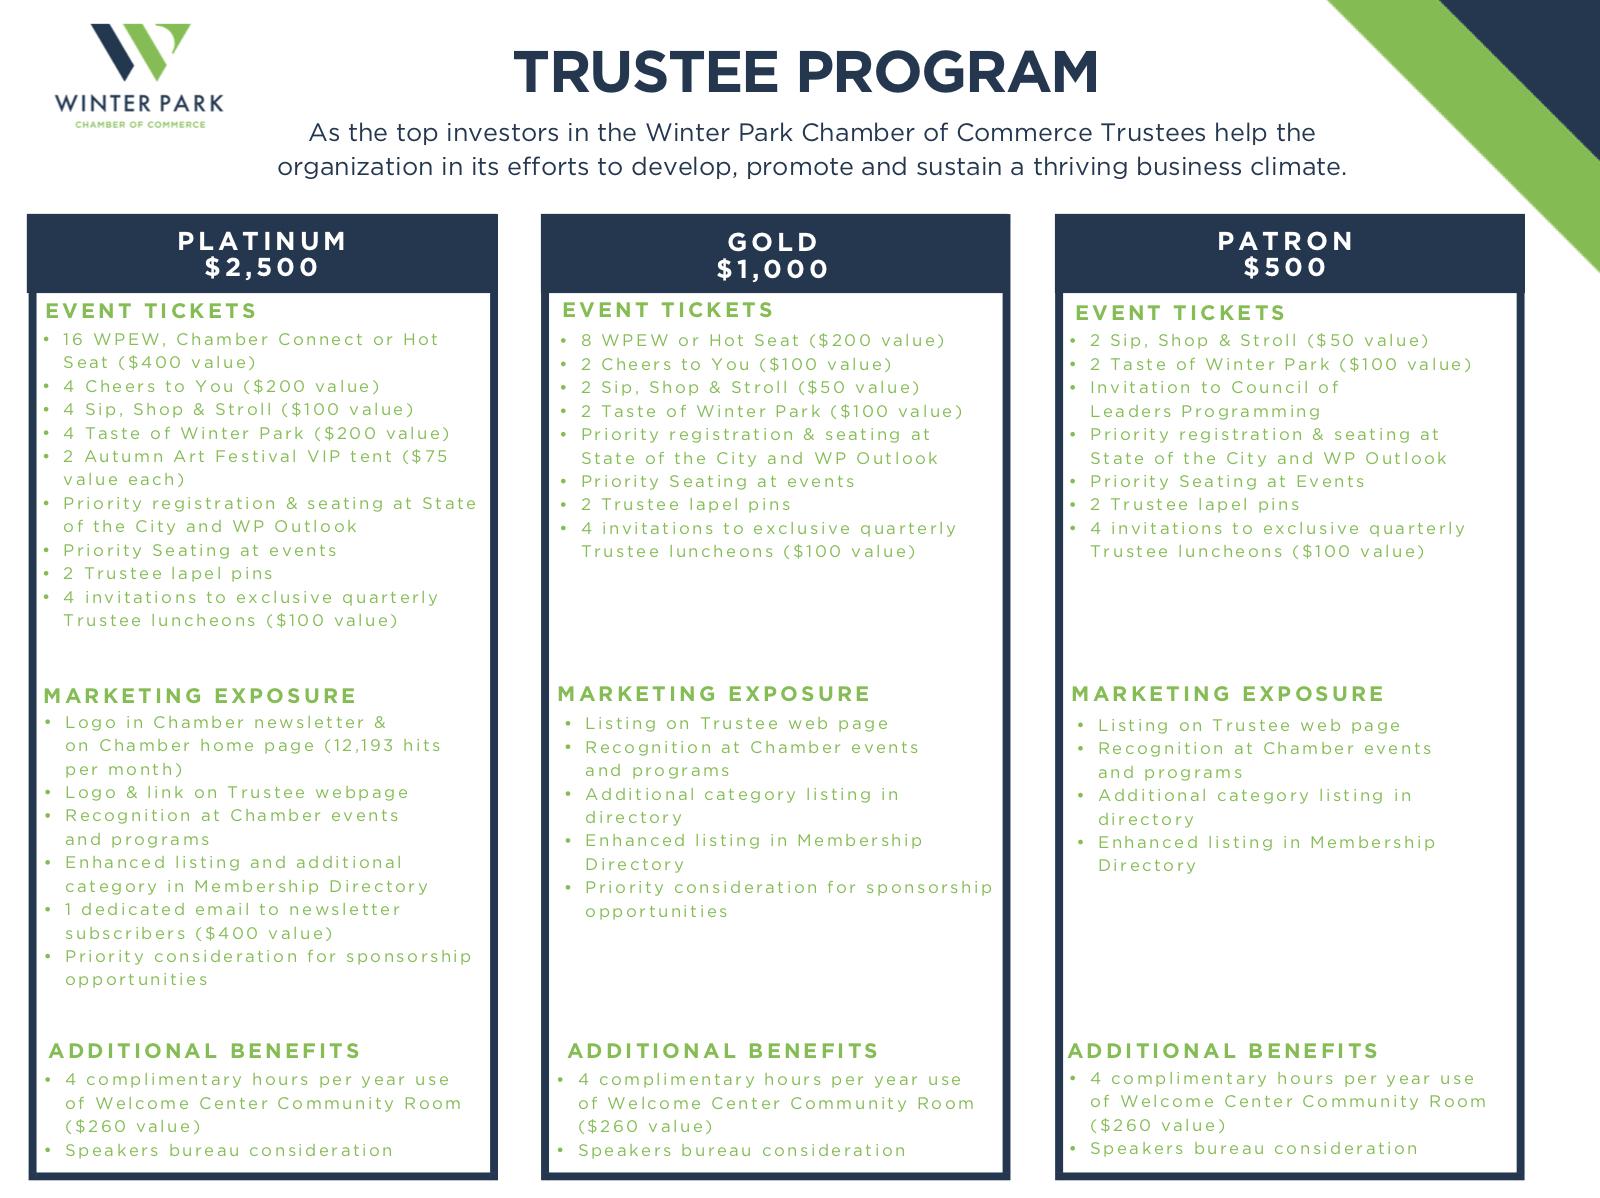 trustee2017.png